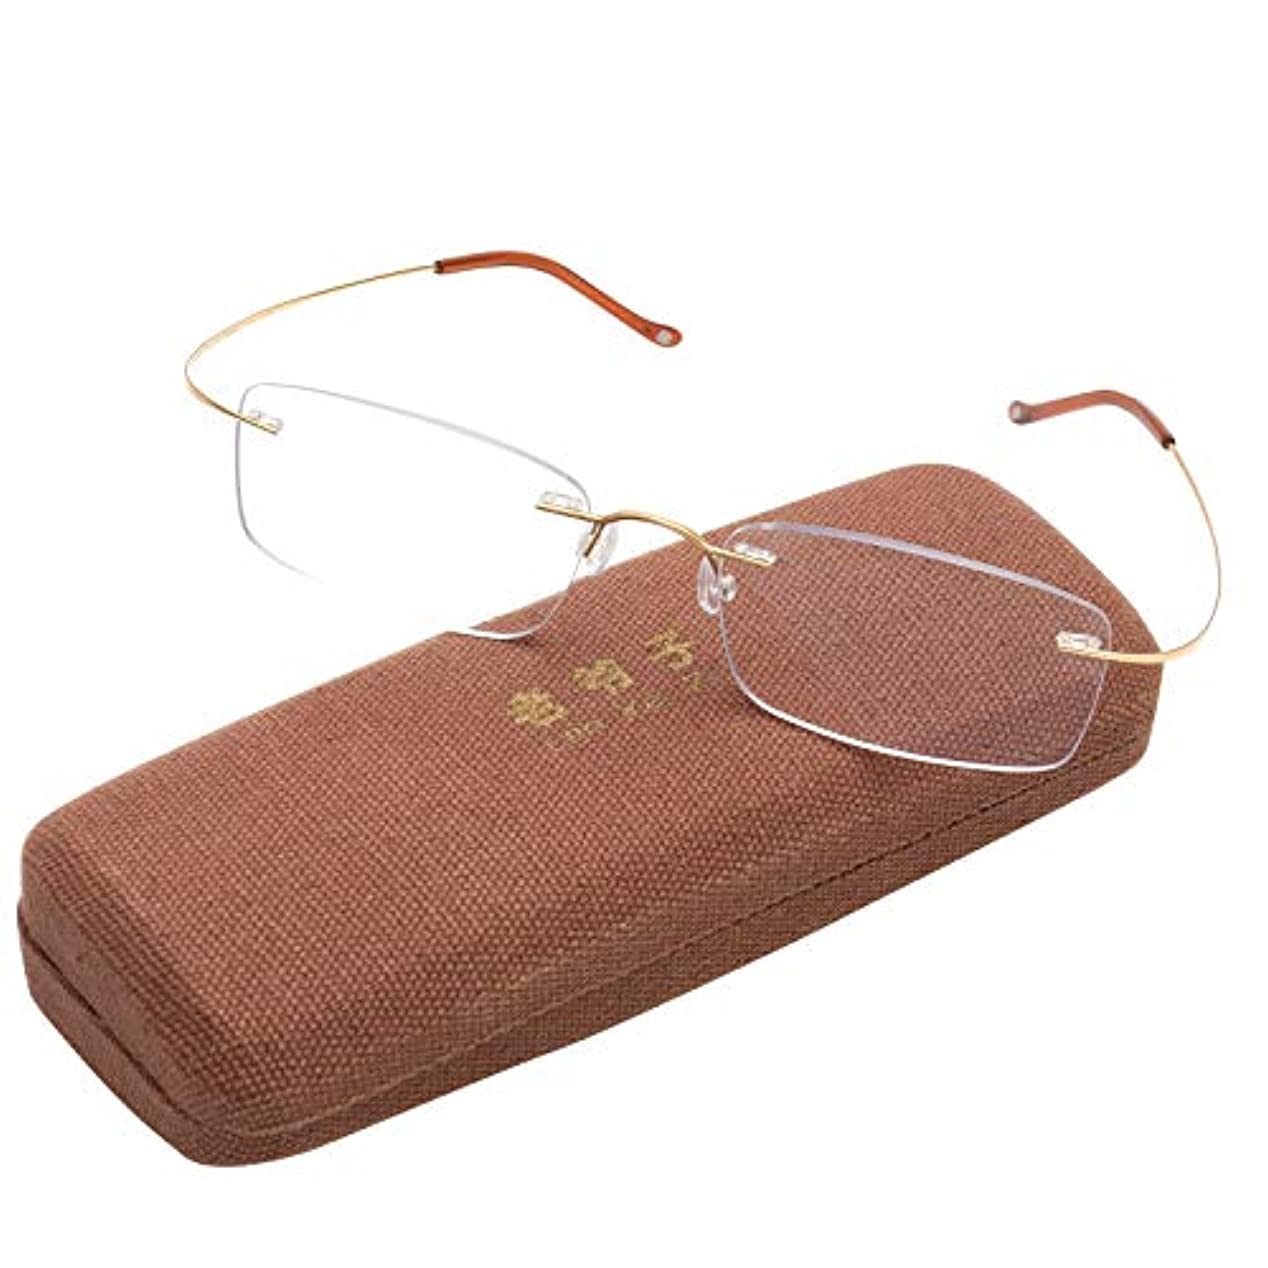 誤解を招く放置ストリップVEGOOS 老眼鏡 ブルーライトカット おしゃれ レディース メンズ スマホ老眼鏡 軽量 枠なし リーディンググラス 超弾性 アイウェア 敬老の日 プレゼント(1.5 x)